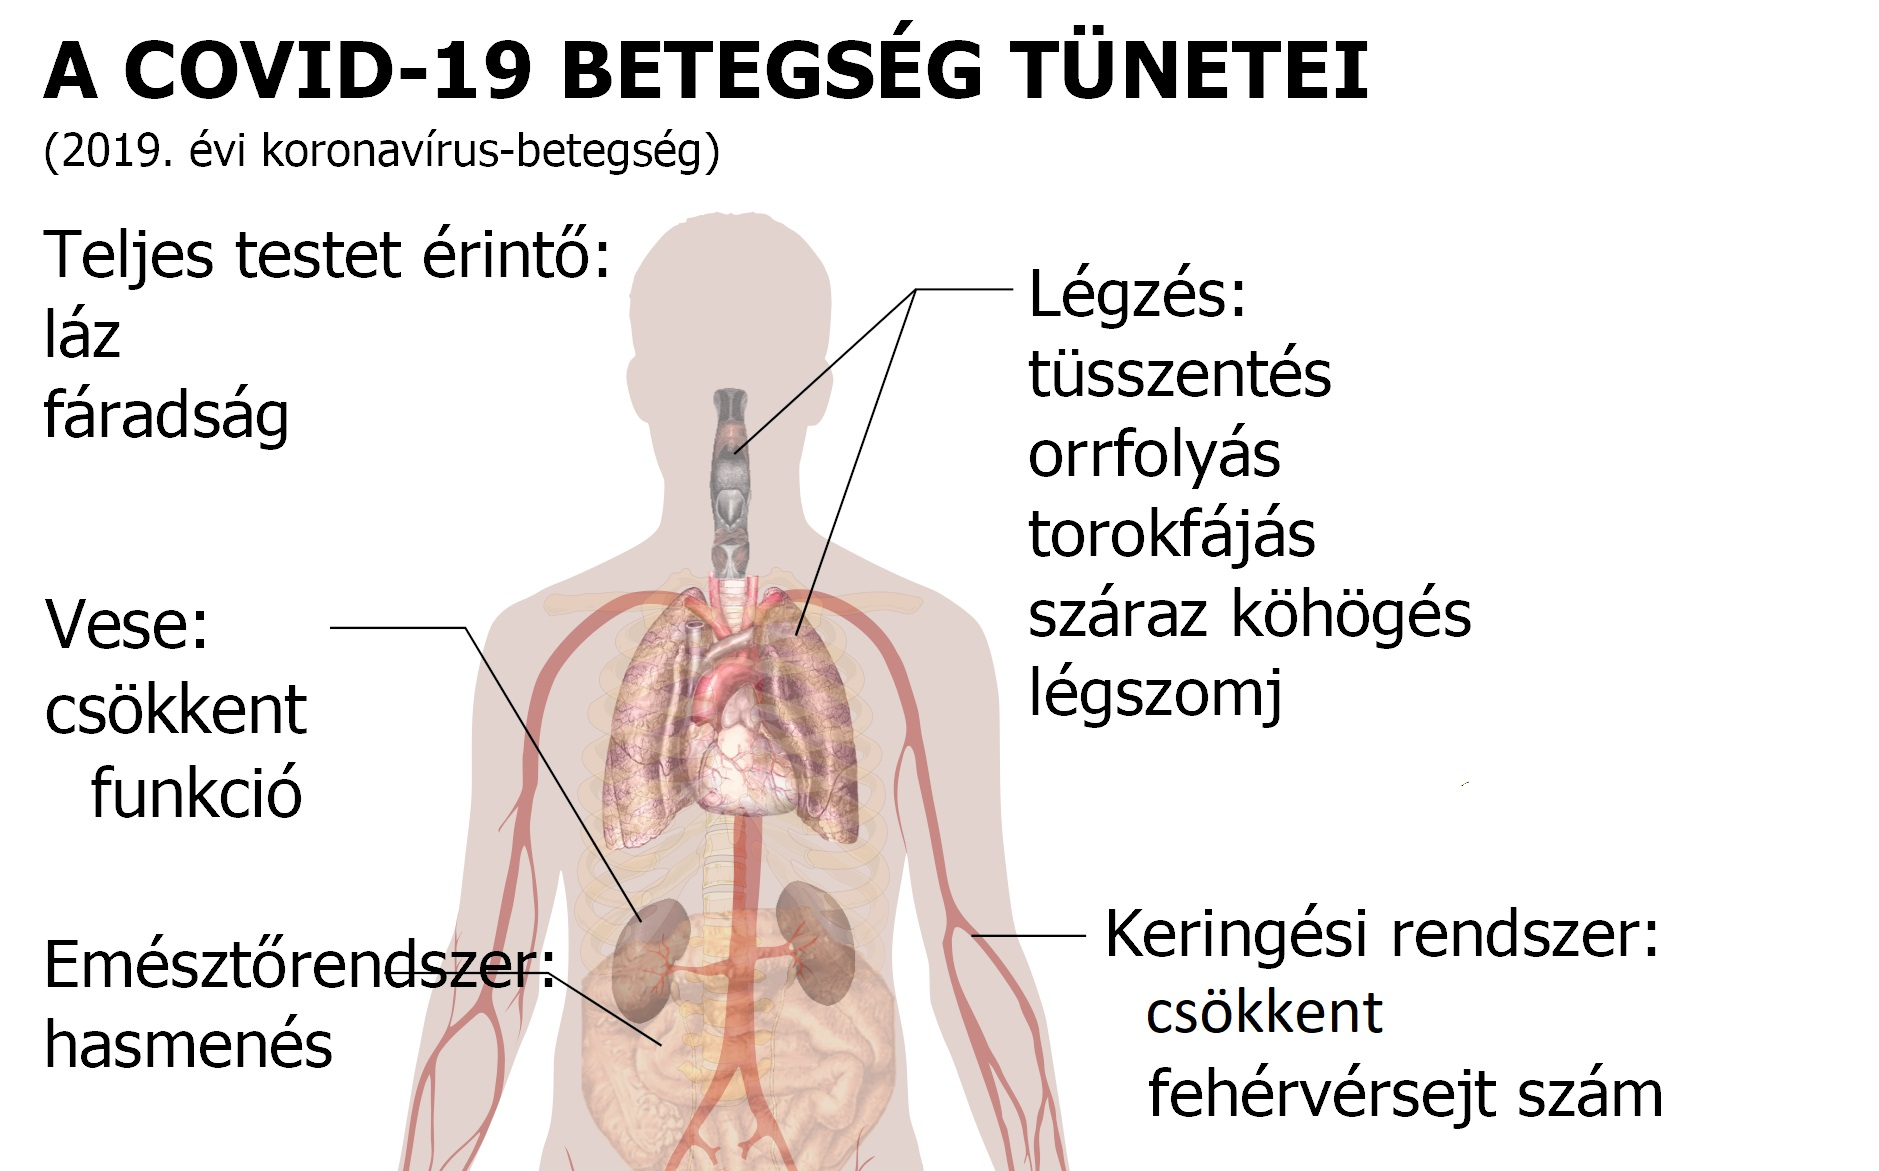 mi okozza a magas vérnyomással járó köhögést